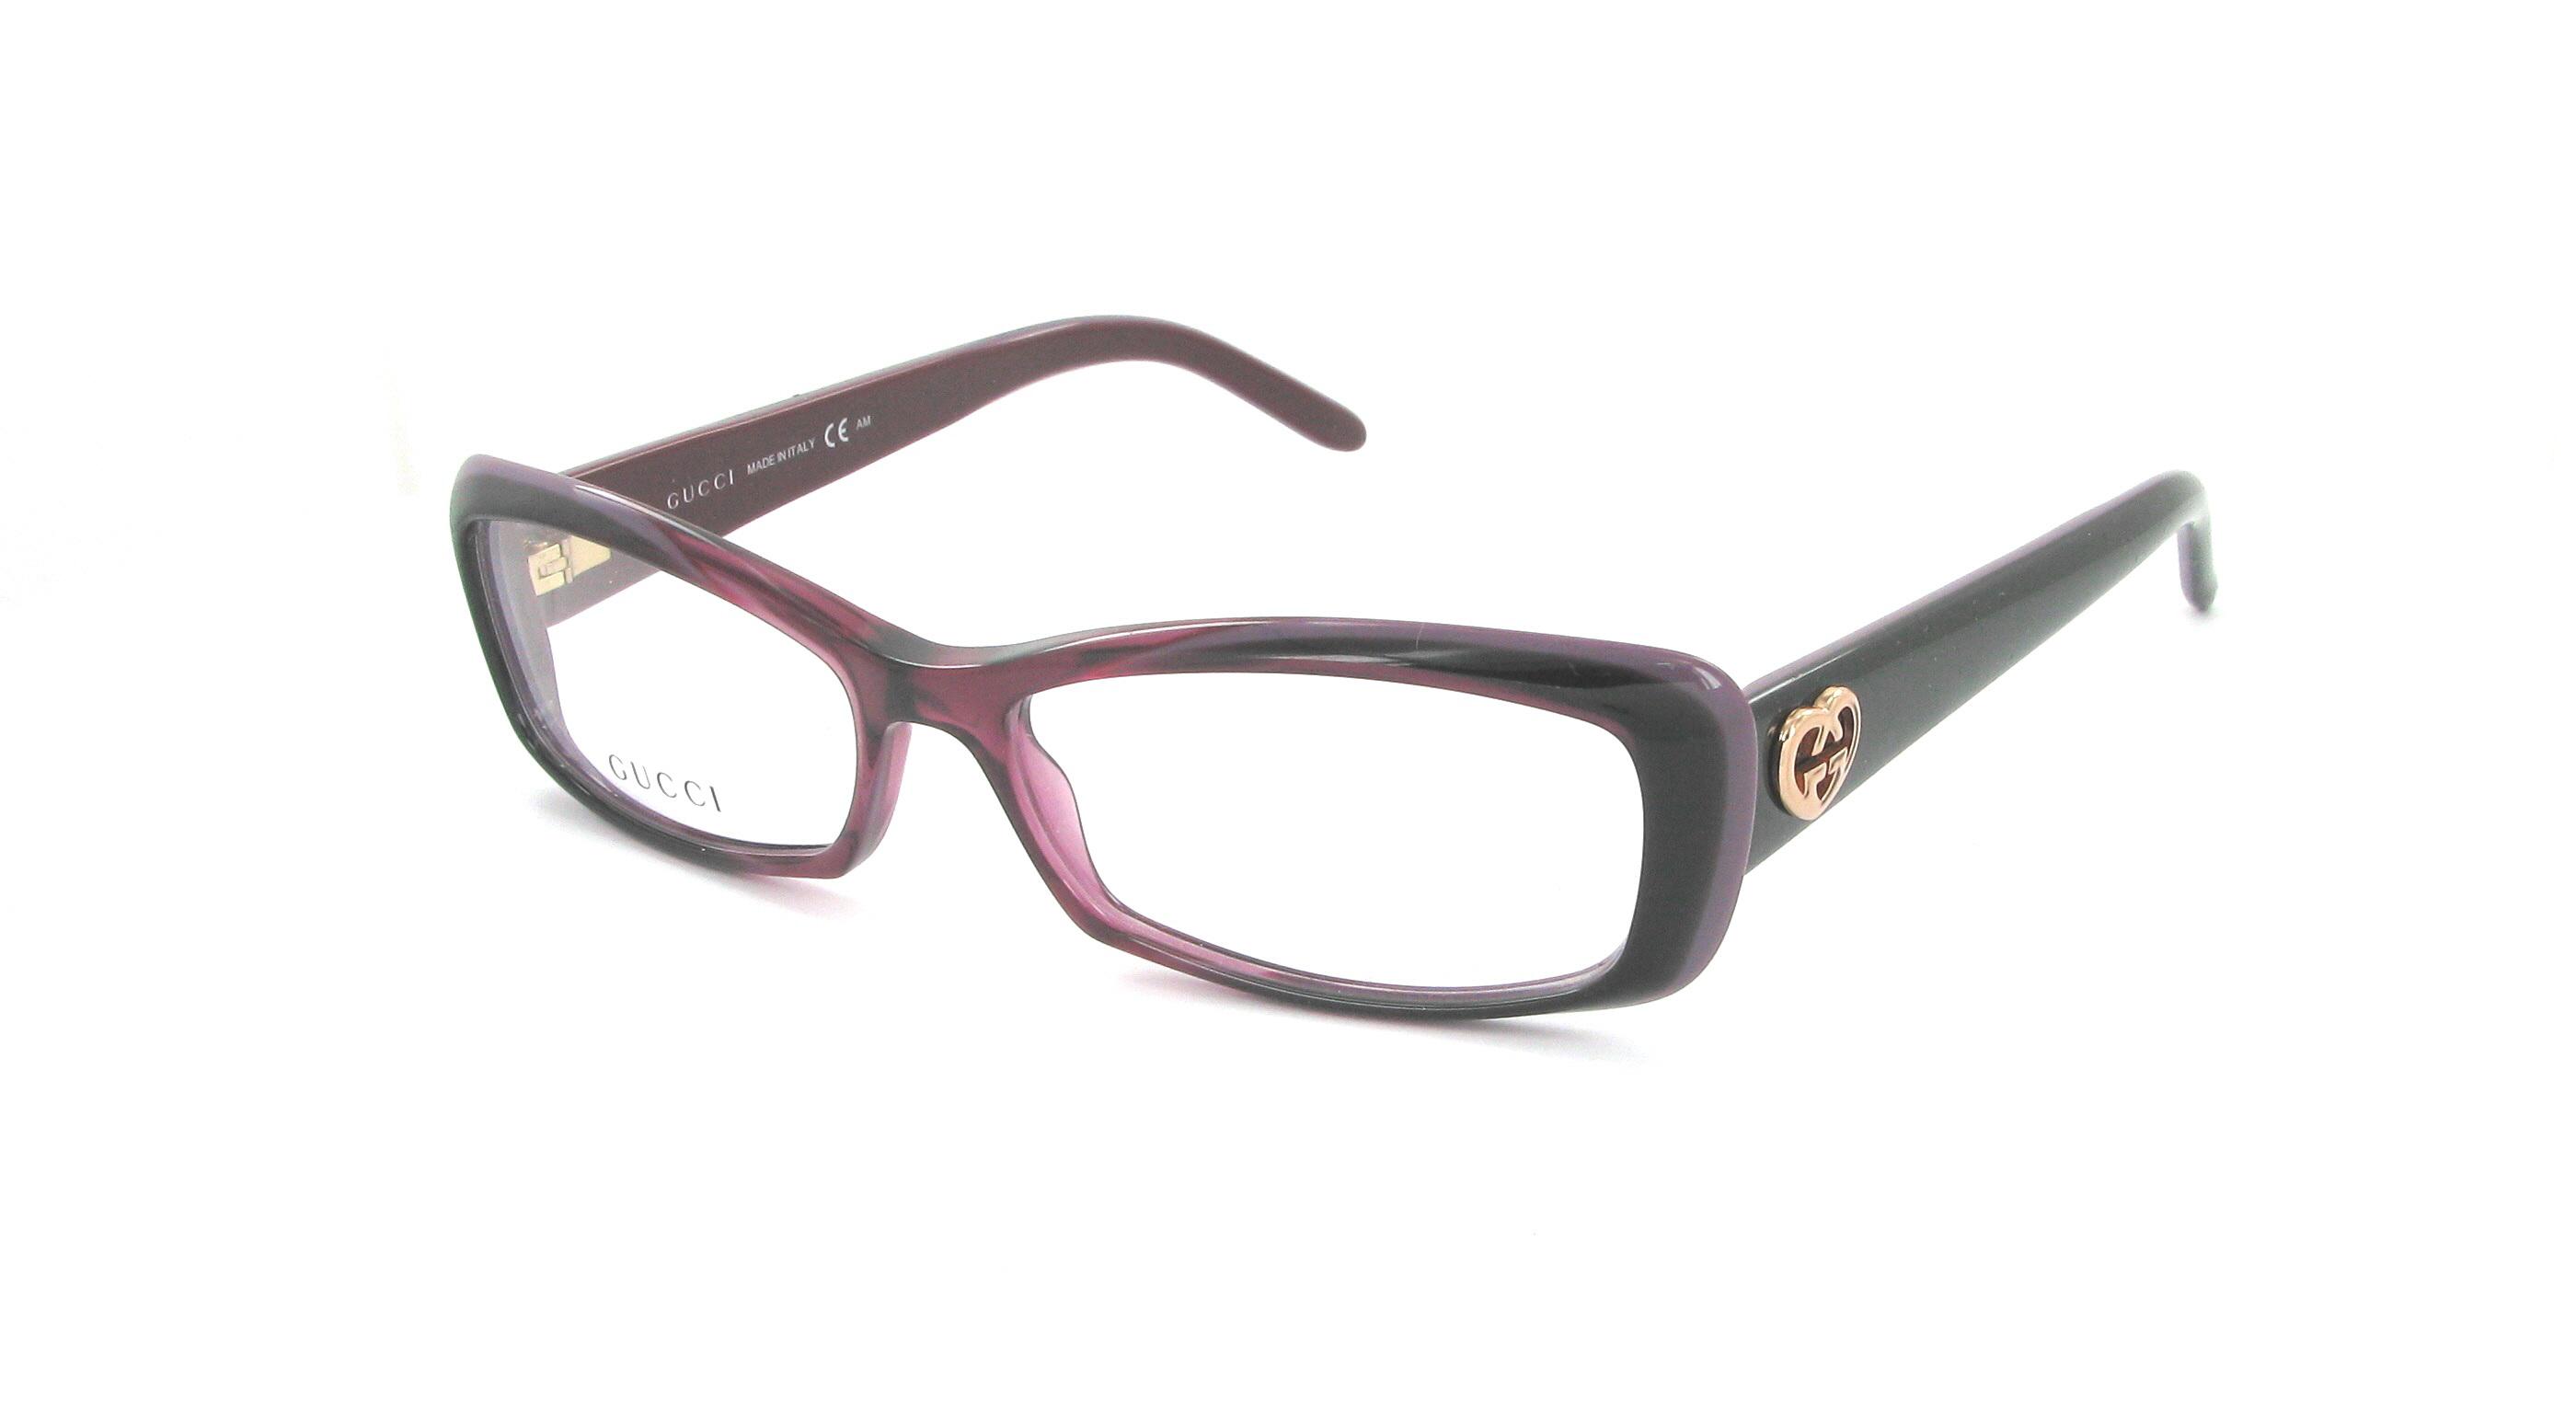 lunettes de vue gucci pour femme. Black Bedroom Furniture Sets. Home Design Ideas